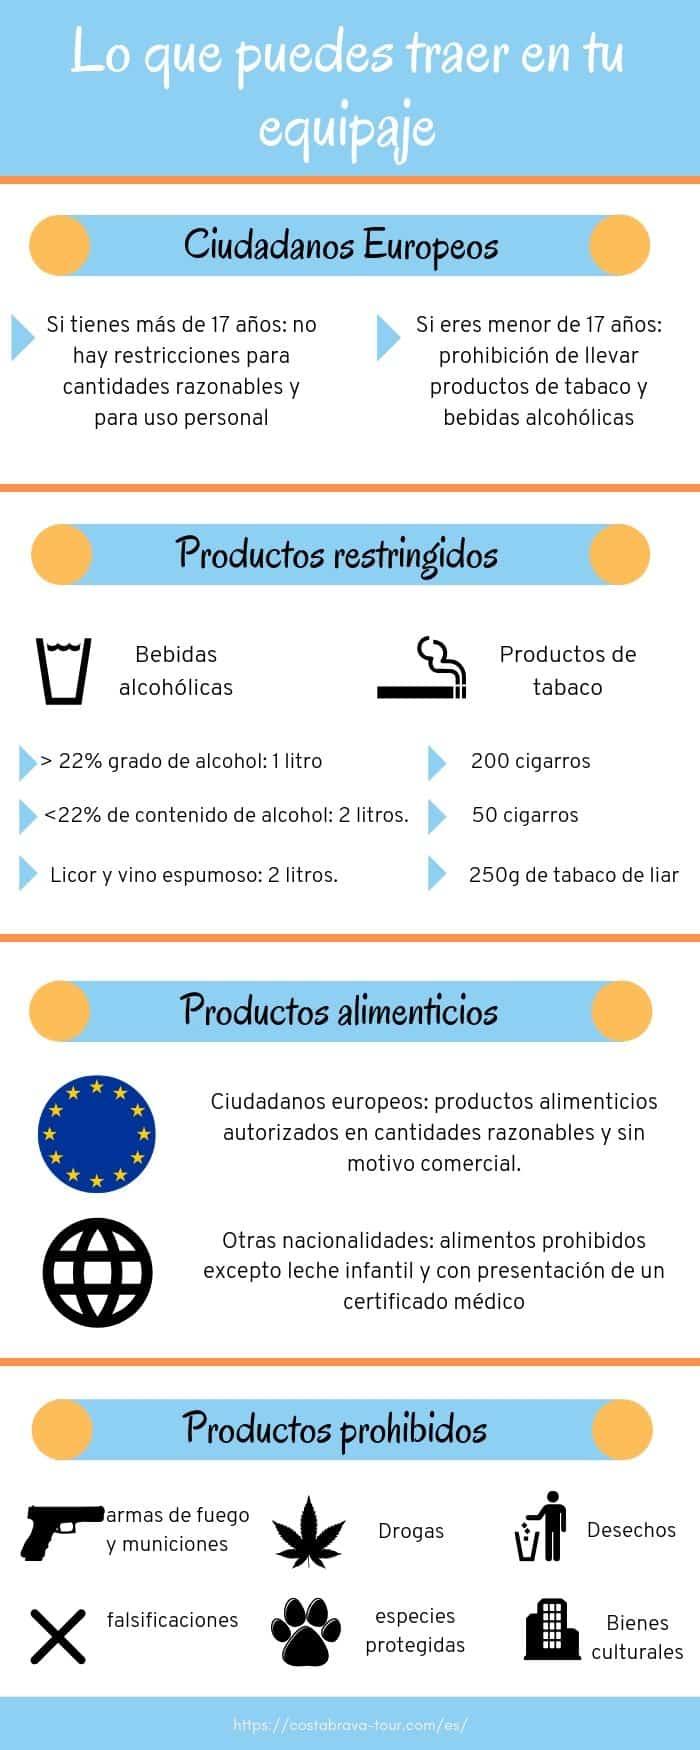 Productos prohibidos en España